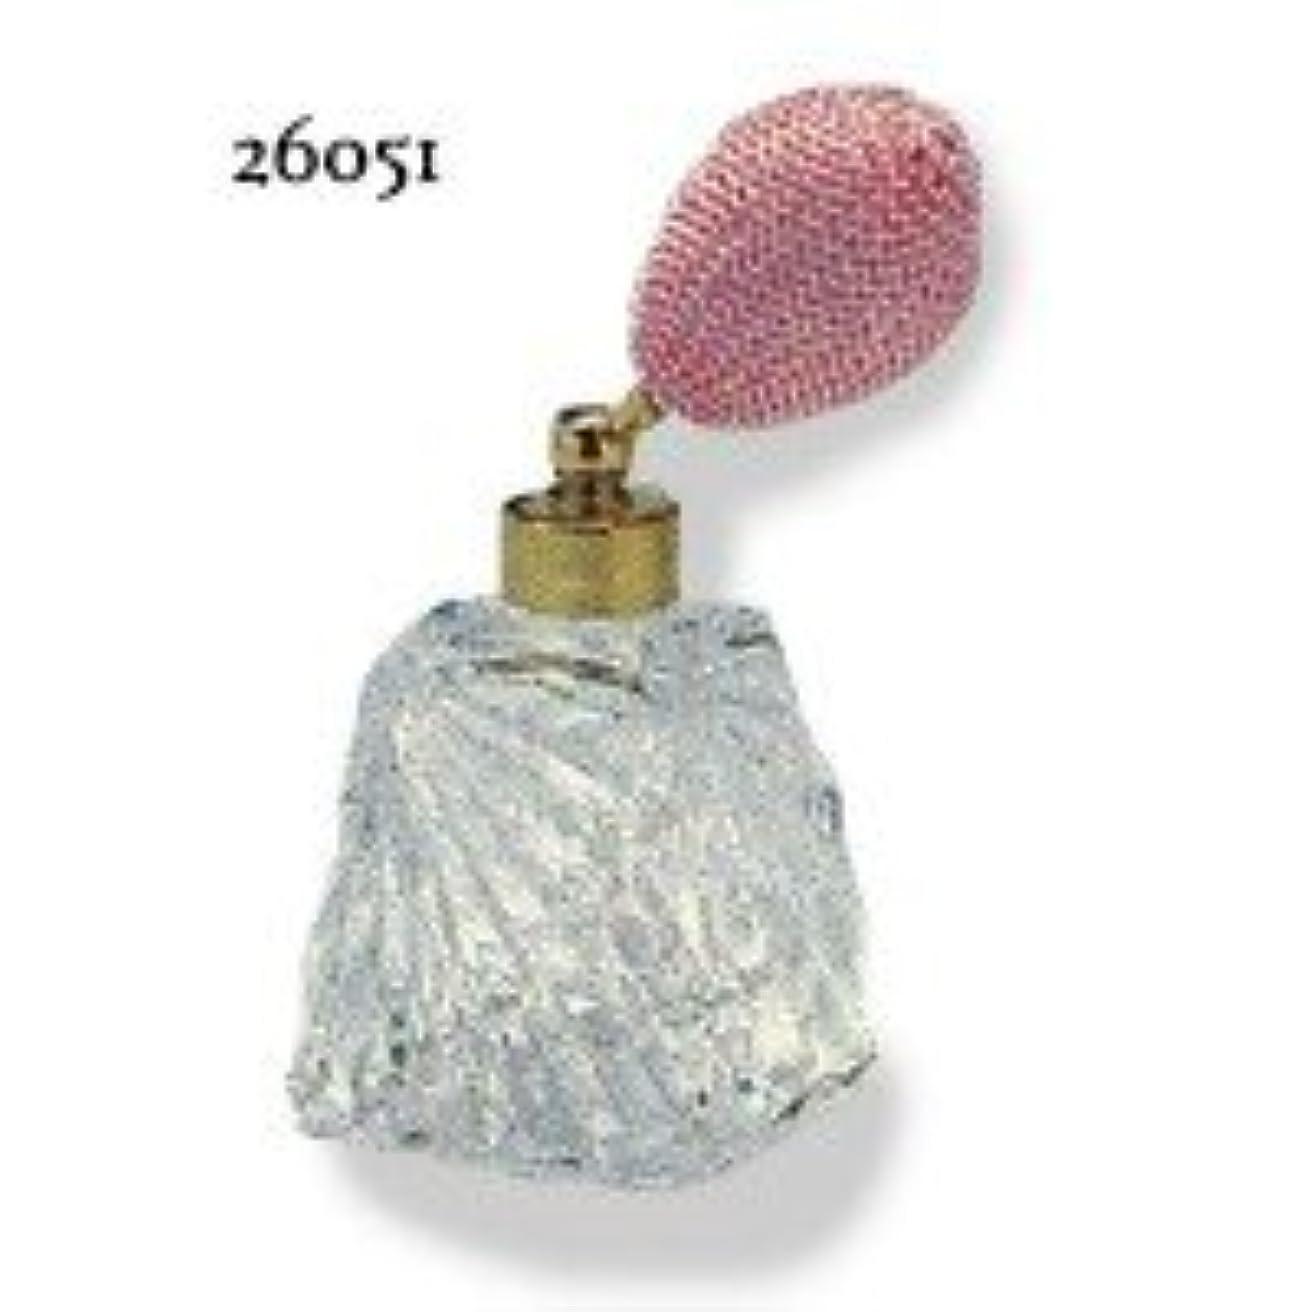 つぶやき保持する偽善ドイツ製クリスタル香水瓶リードクリスタル 短